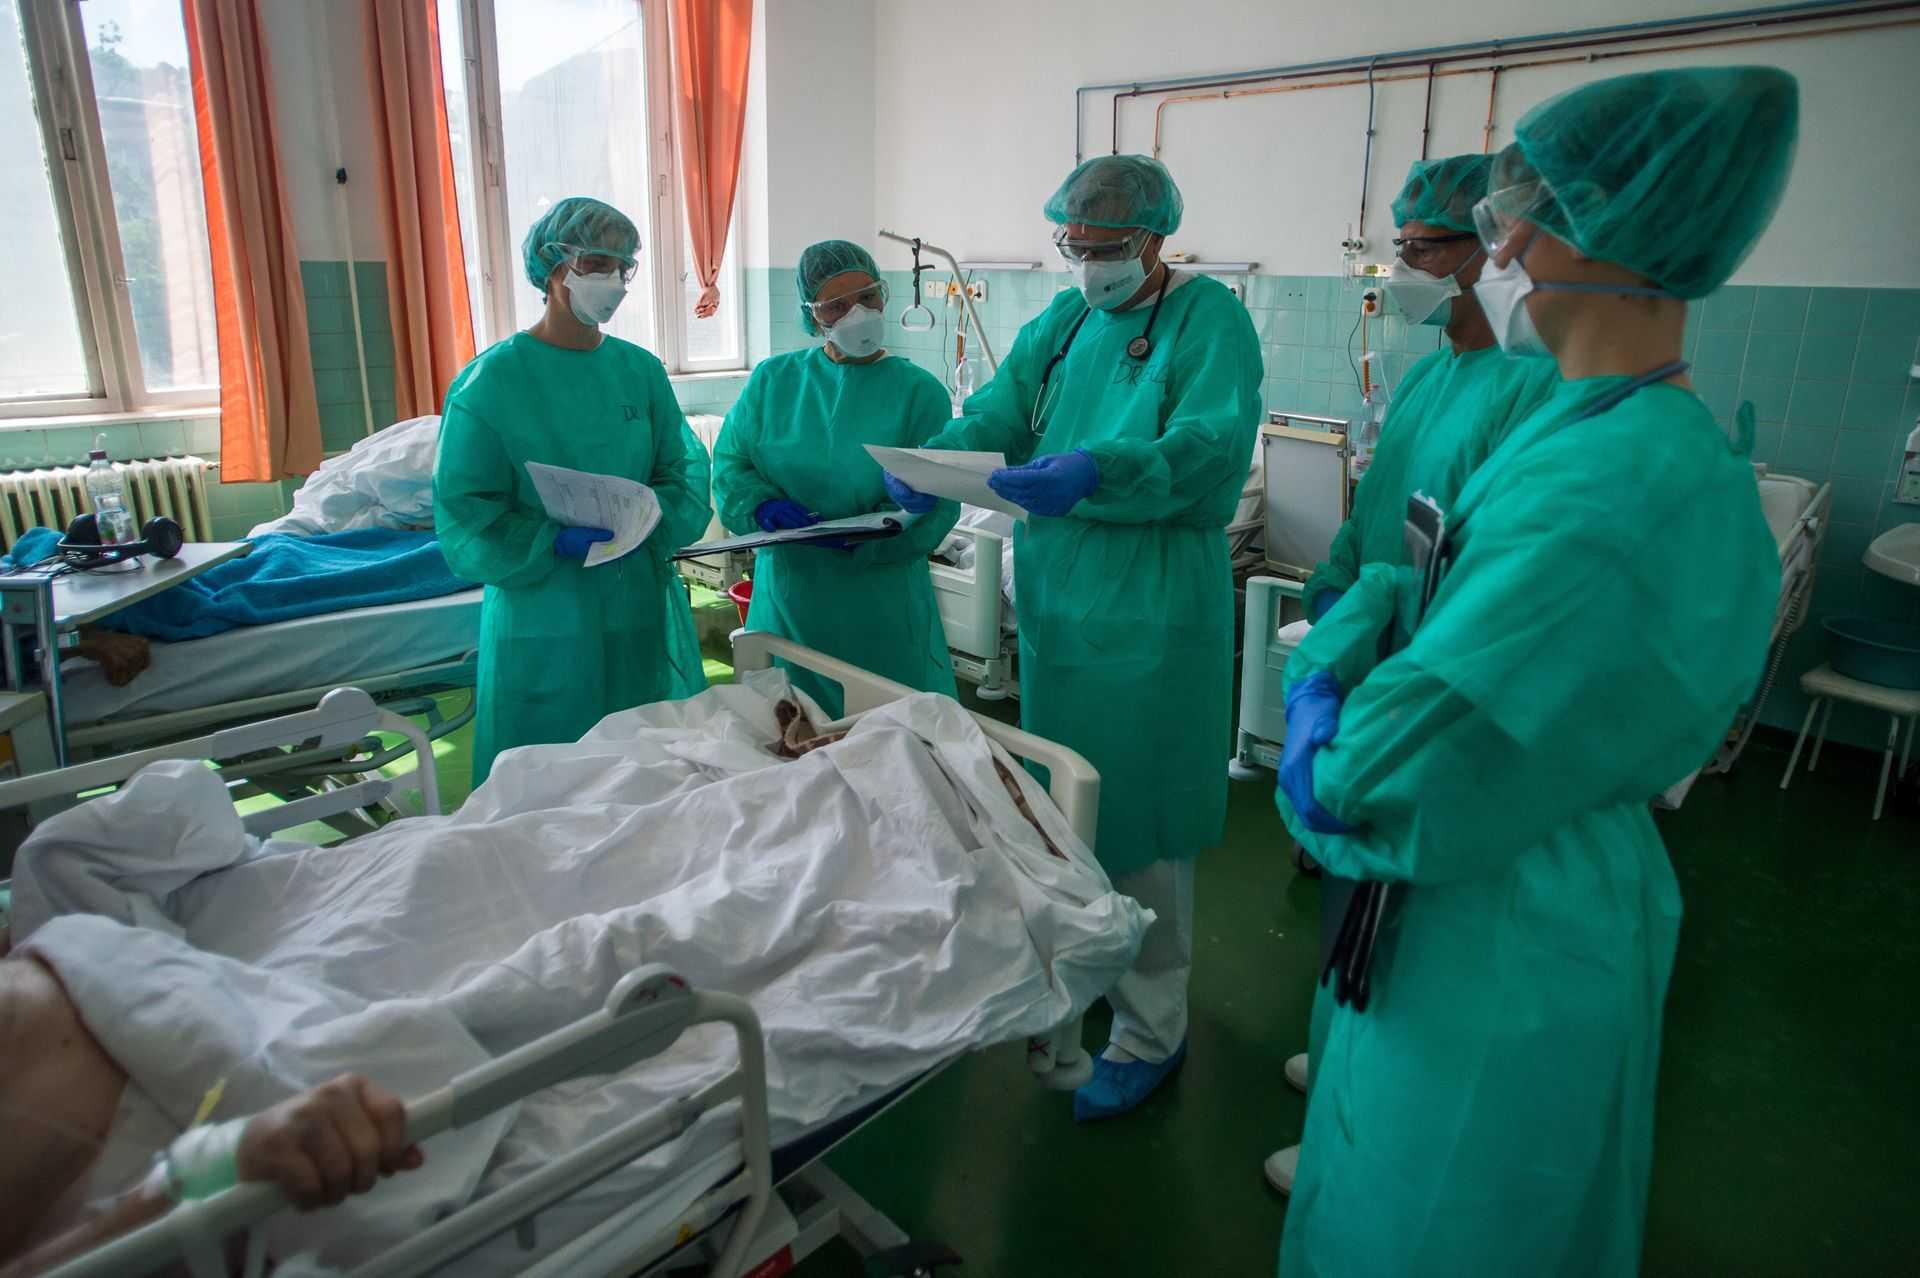 Koronavírus - A fővárosi Szent János Kórház